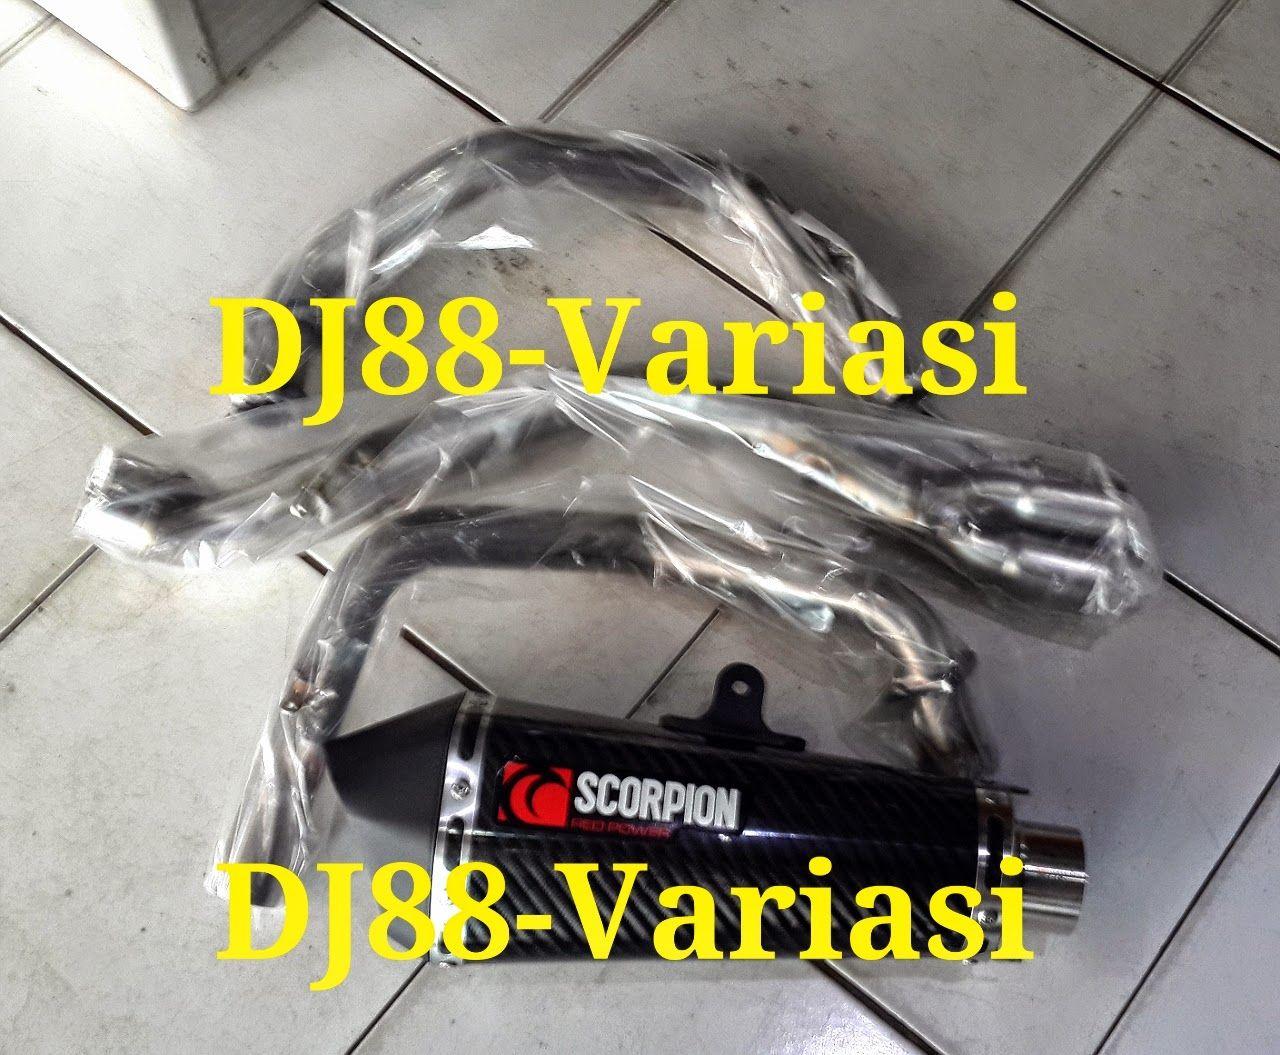 Dj88 Variasi Modifikasi Kawasaki Ninja 250 Carbu Fi Prospeed Black Series Yamaha New Vixion150 Full Z250